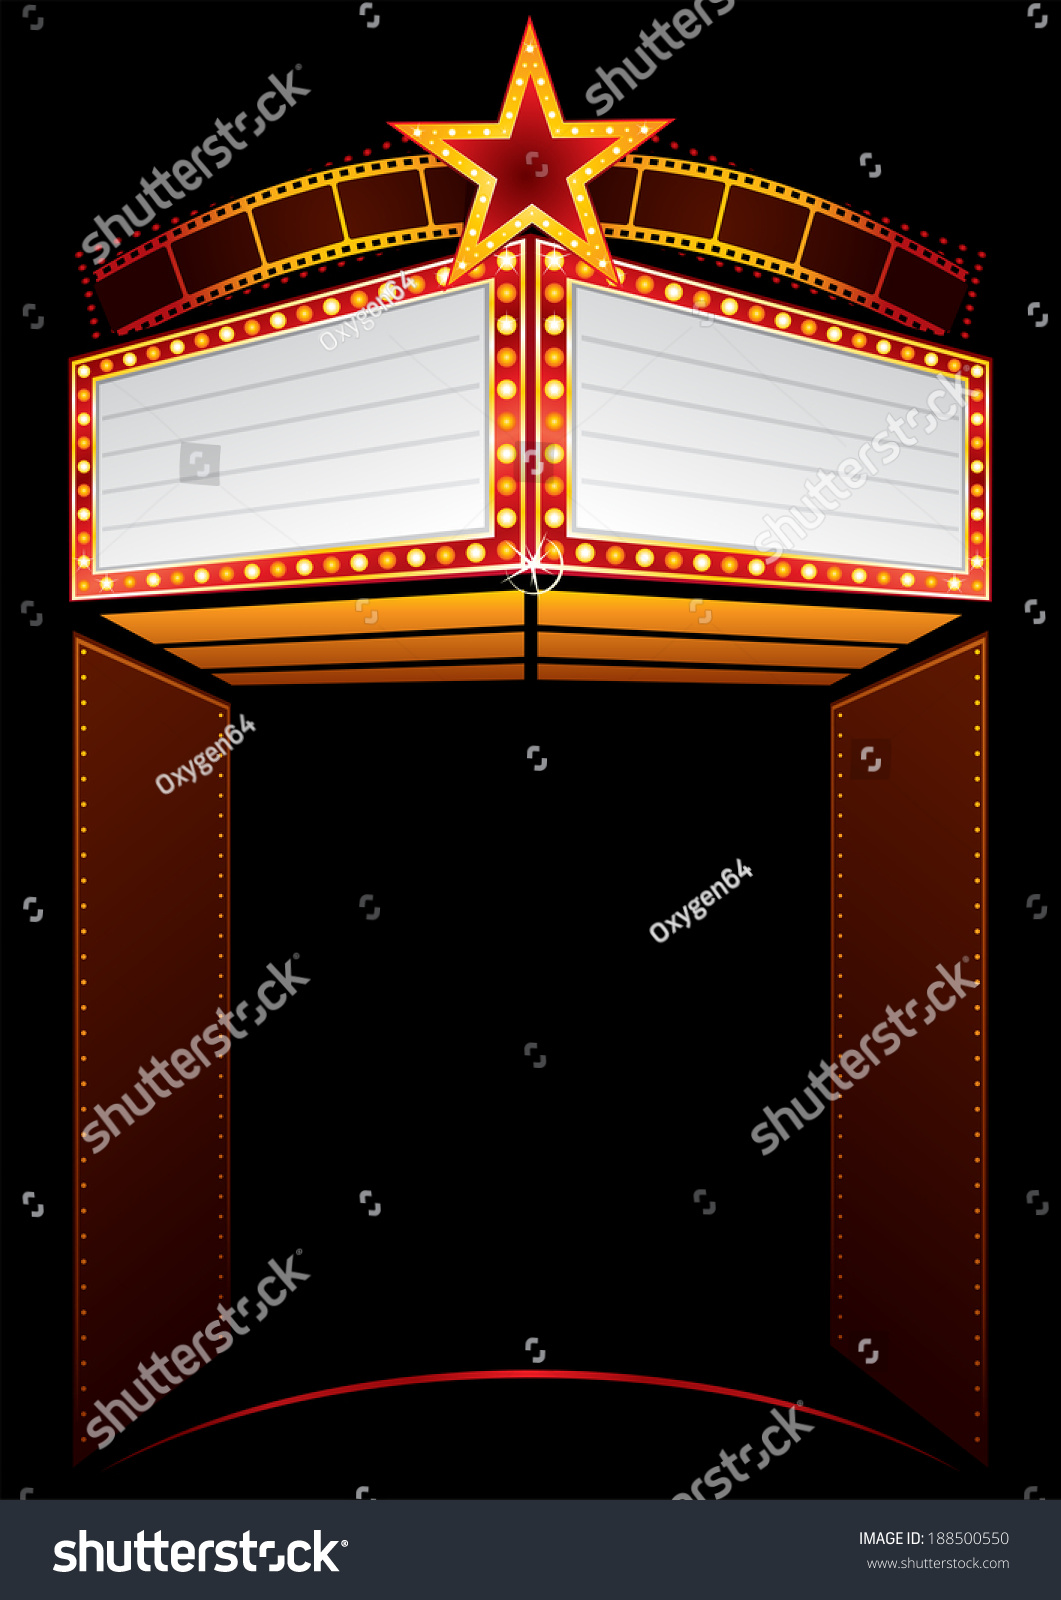 film premiere invitation template - movie premiere stock vector 188500550 shutterstock